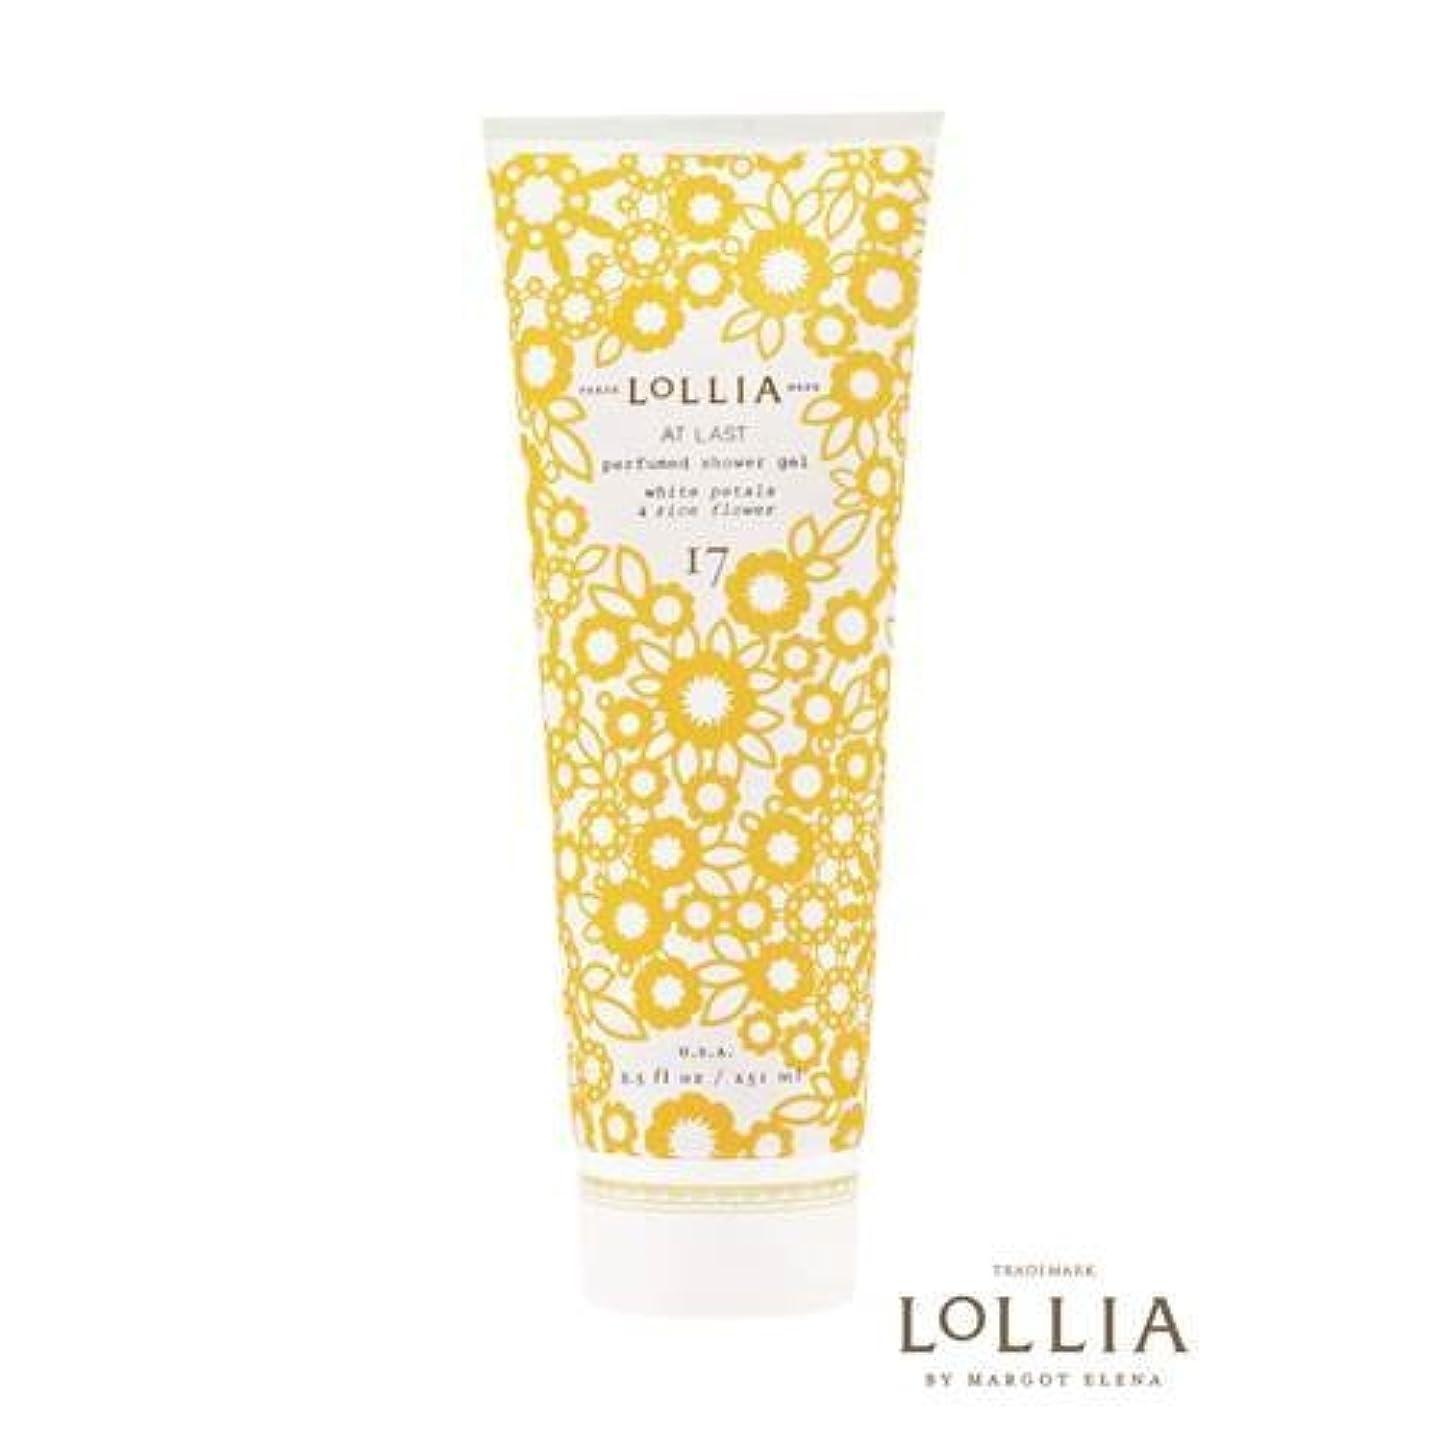 モネ報復和解するロリア(LoLLIA) パフュームドシャワージェル AtLast 251ml(全身用洗浄料 ボディーソープ ライスフラワー、マグノリアとミモザの柔らかな花々の香り)